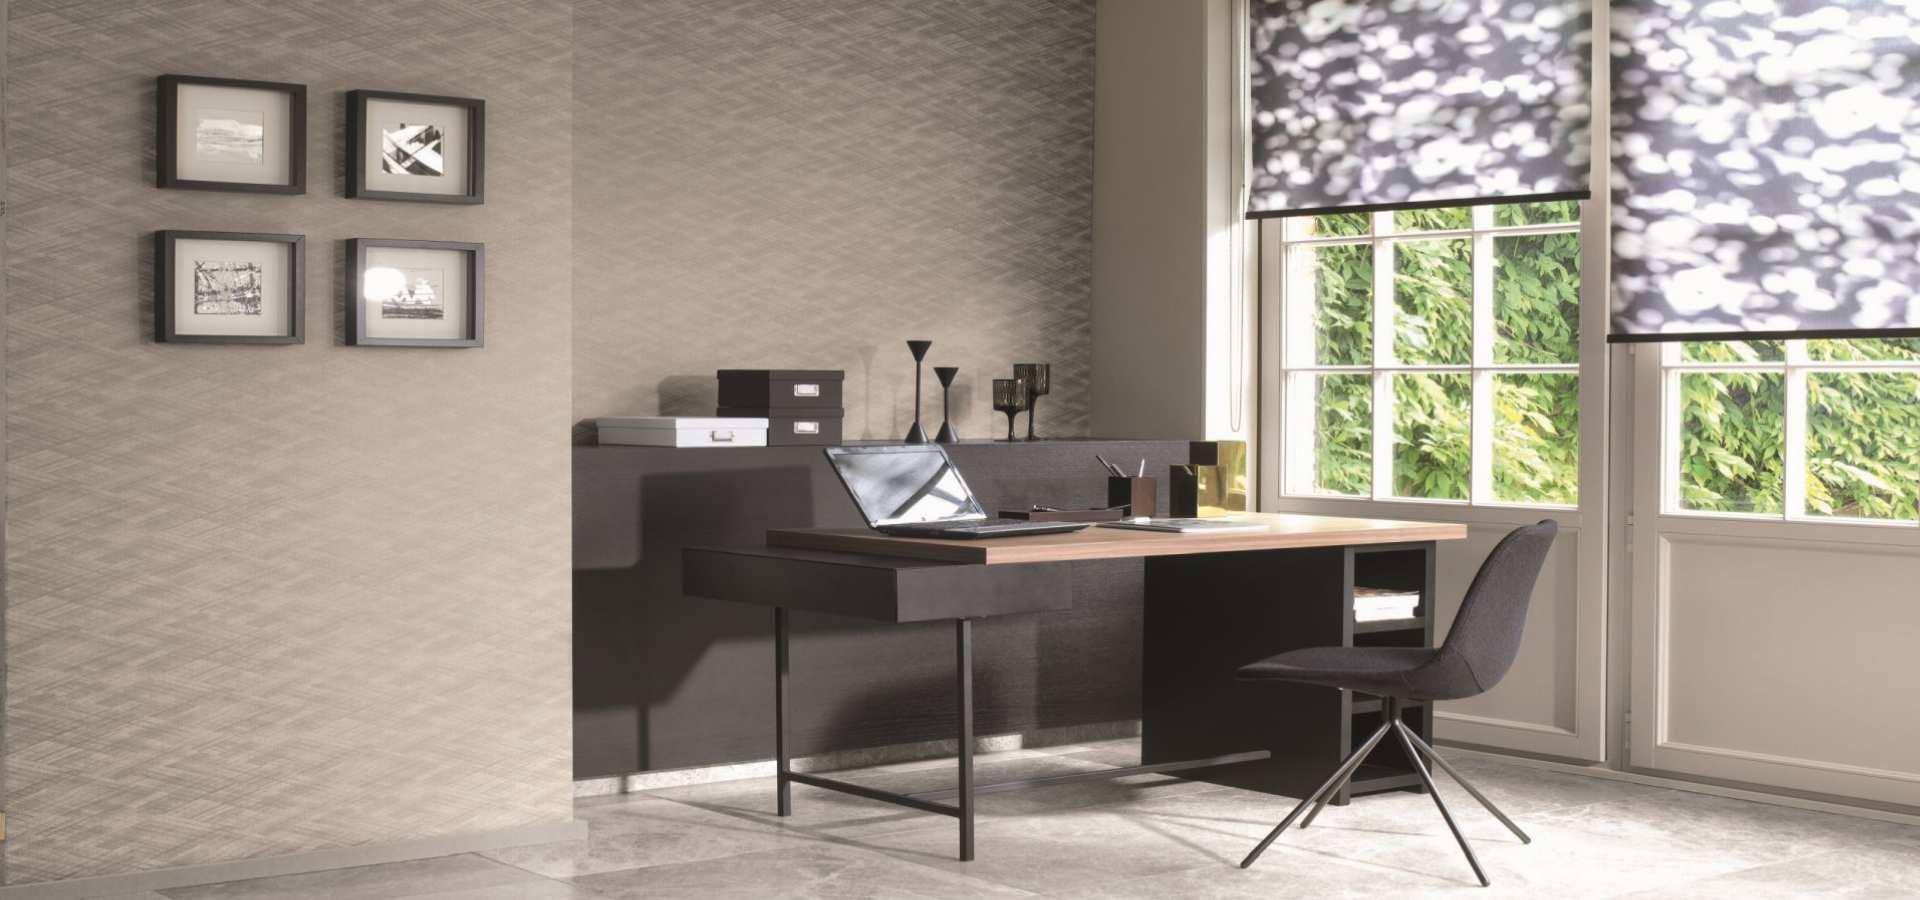 Bild Büro Tapete und Rollos in beige und latte